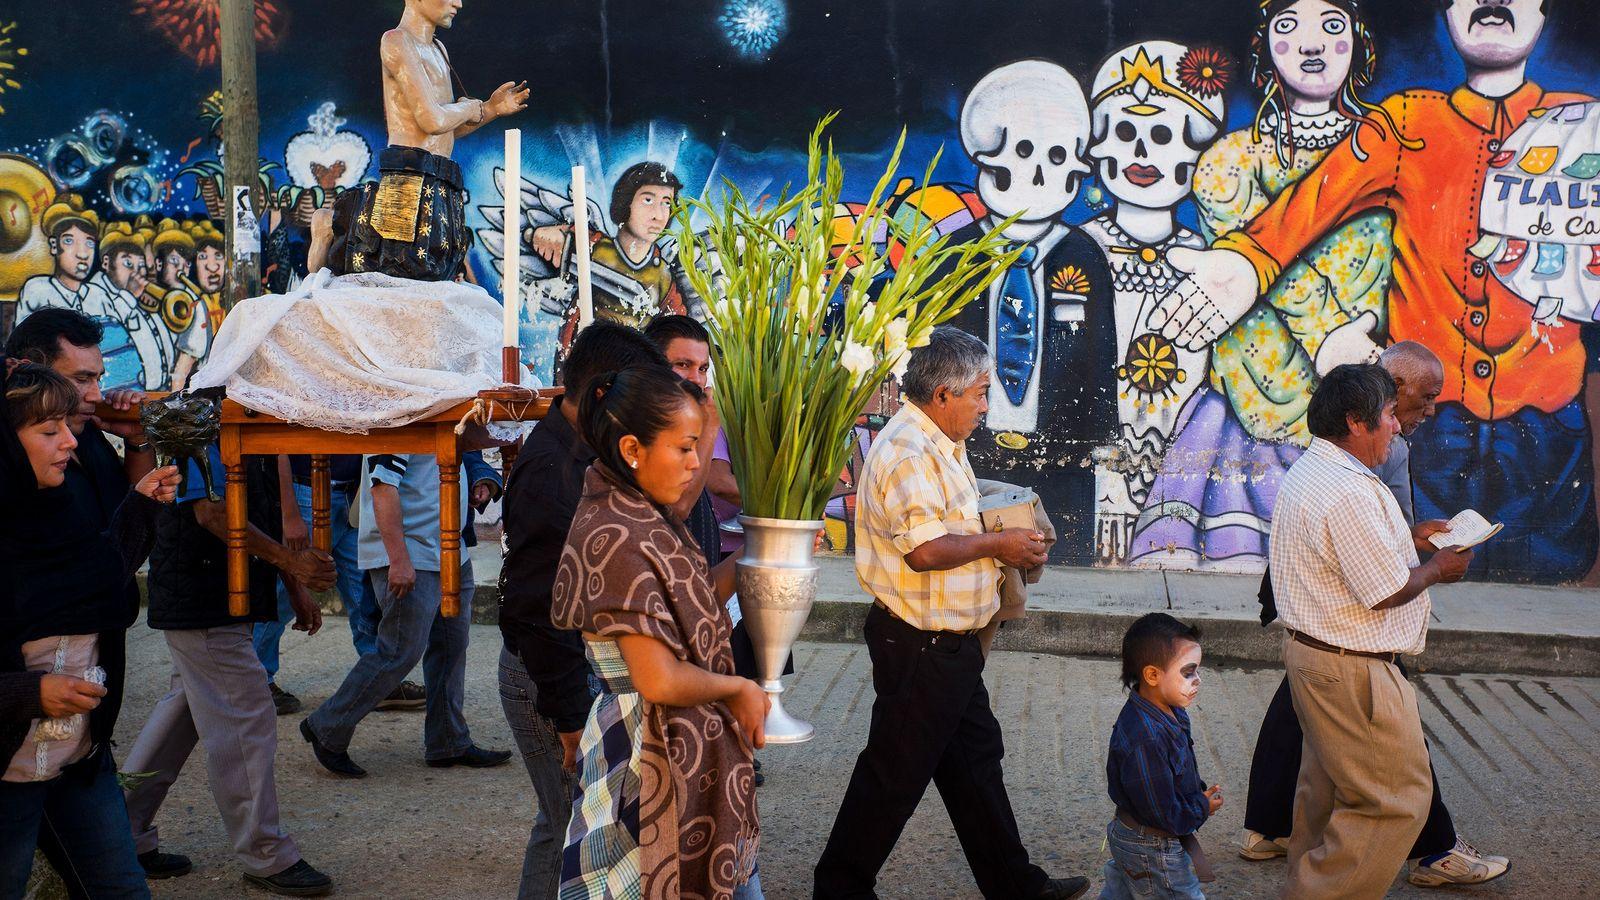 Während des Día de los Muertos laufen Menschen eine Straße voller Mauerbilder entlang.